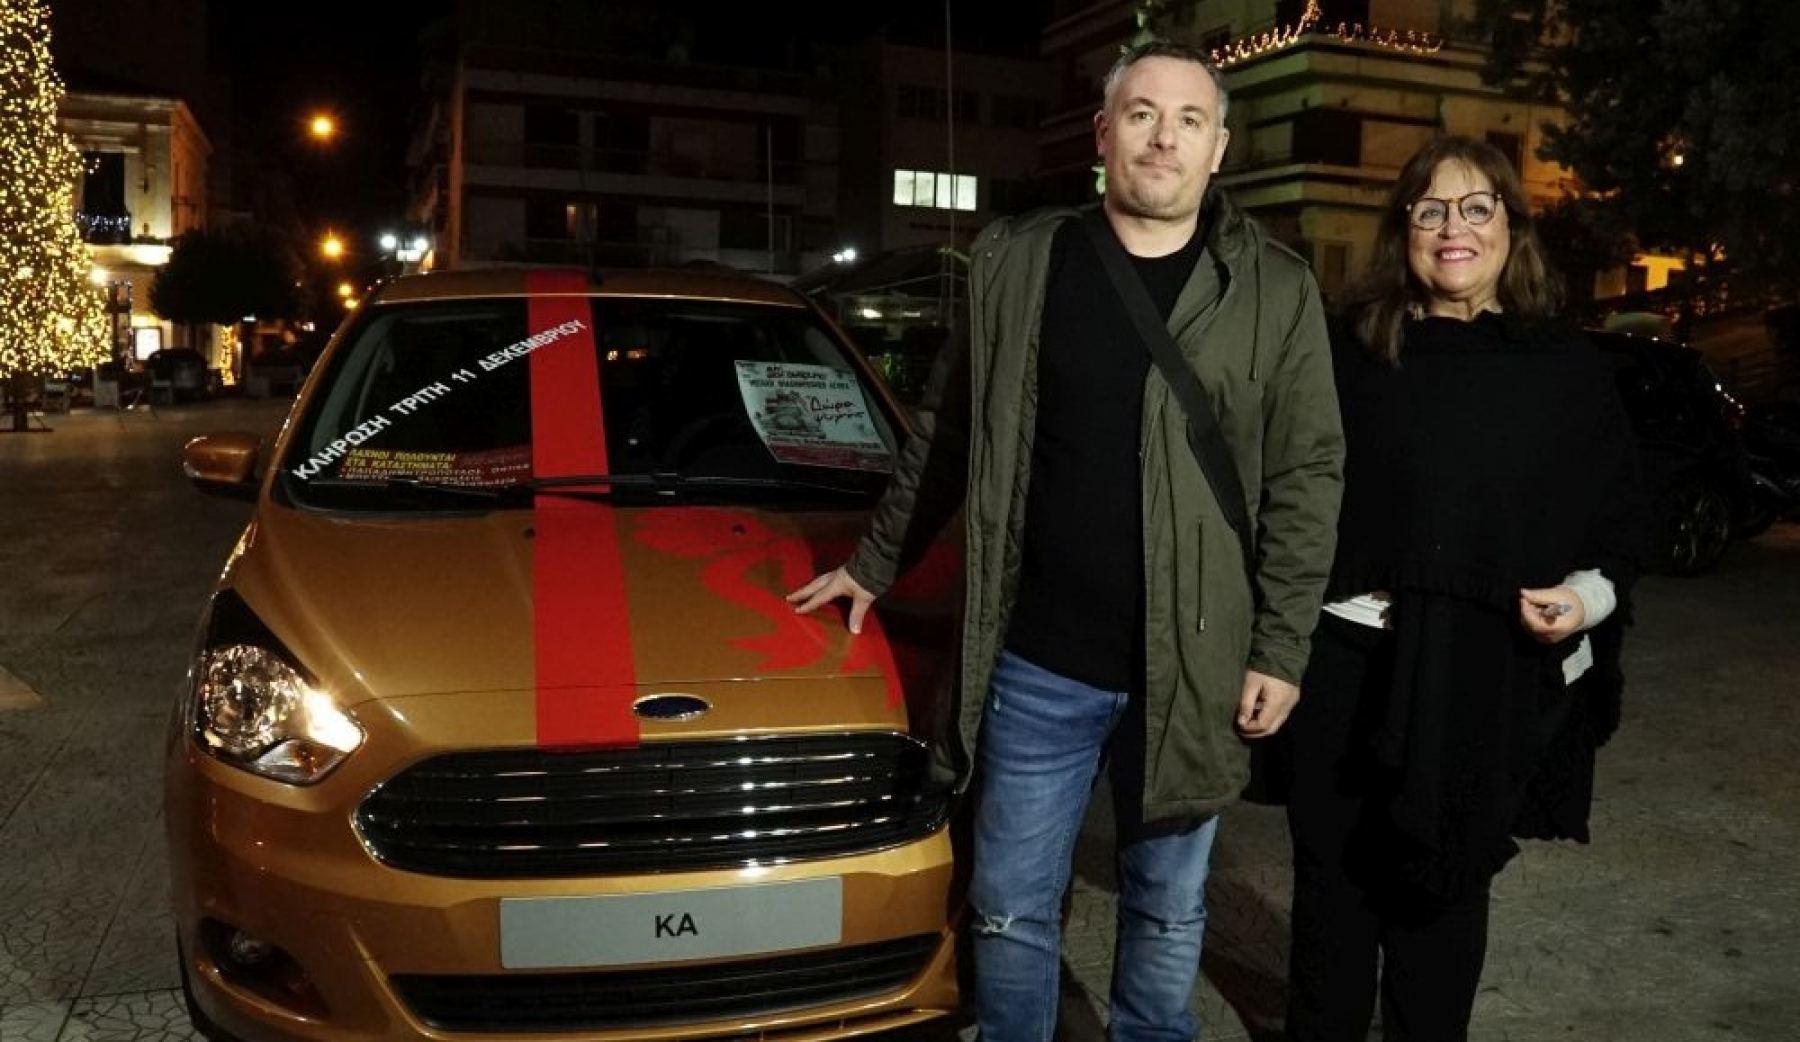 Δείτε ποιος κέρδισε το αυτοκίνητο στα «Δώρα Ψυχής» (ΒΙΝΤΕΟ - ΦΩΤΟ)